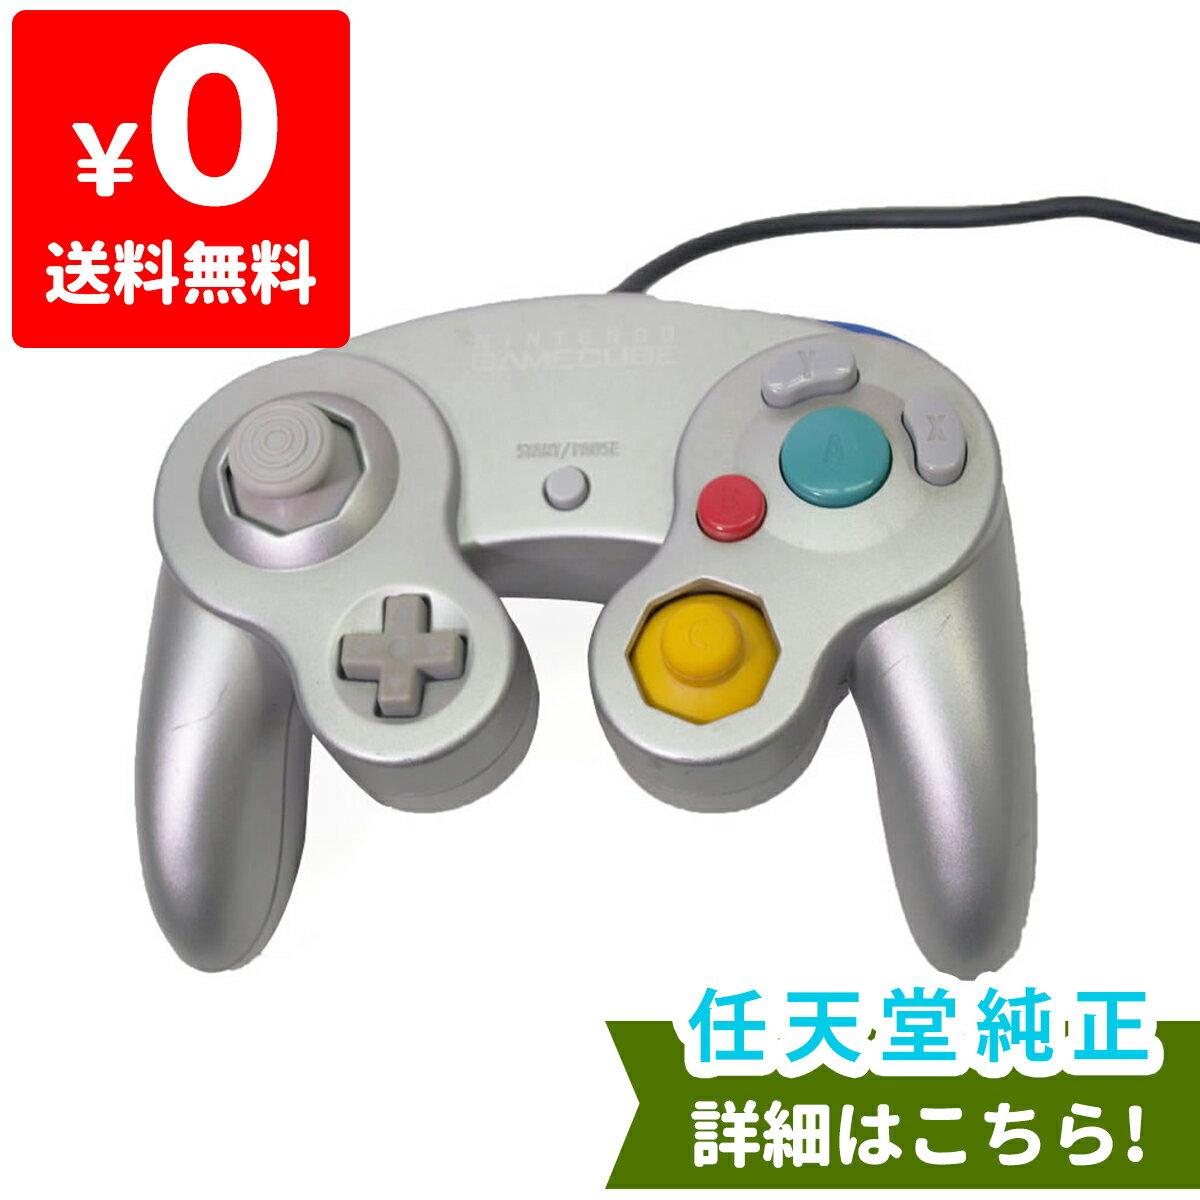 ゲームキューブ GC GAMECUBE コントローラー シルバー ニンテンドー 任天堂 Nintendo 中古 4902370506259 送料無料